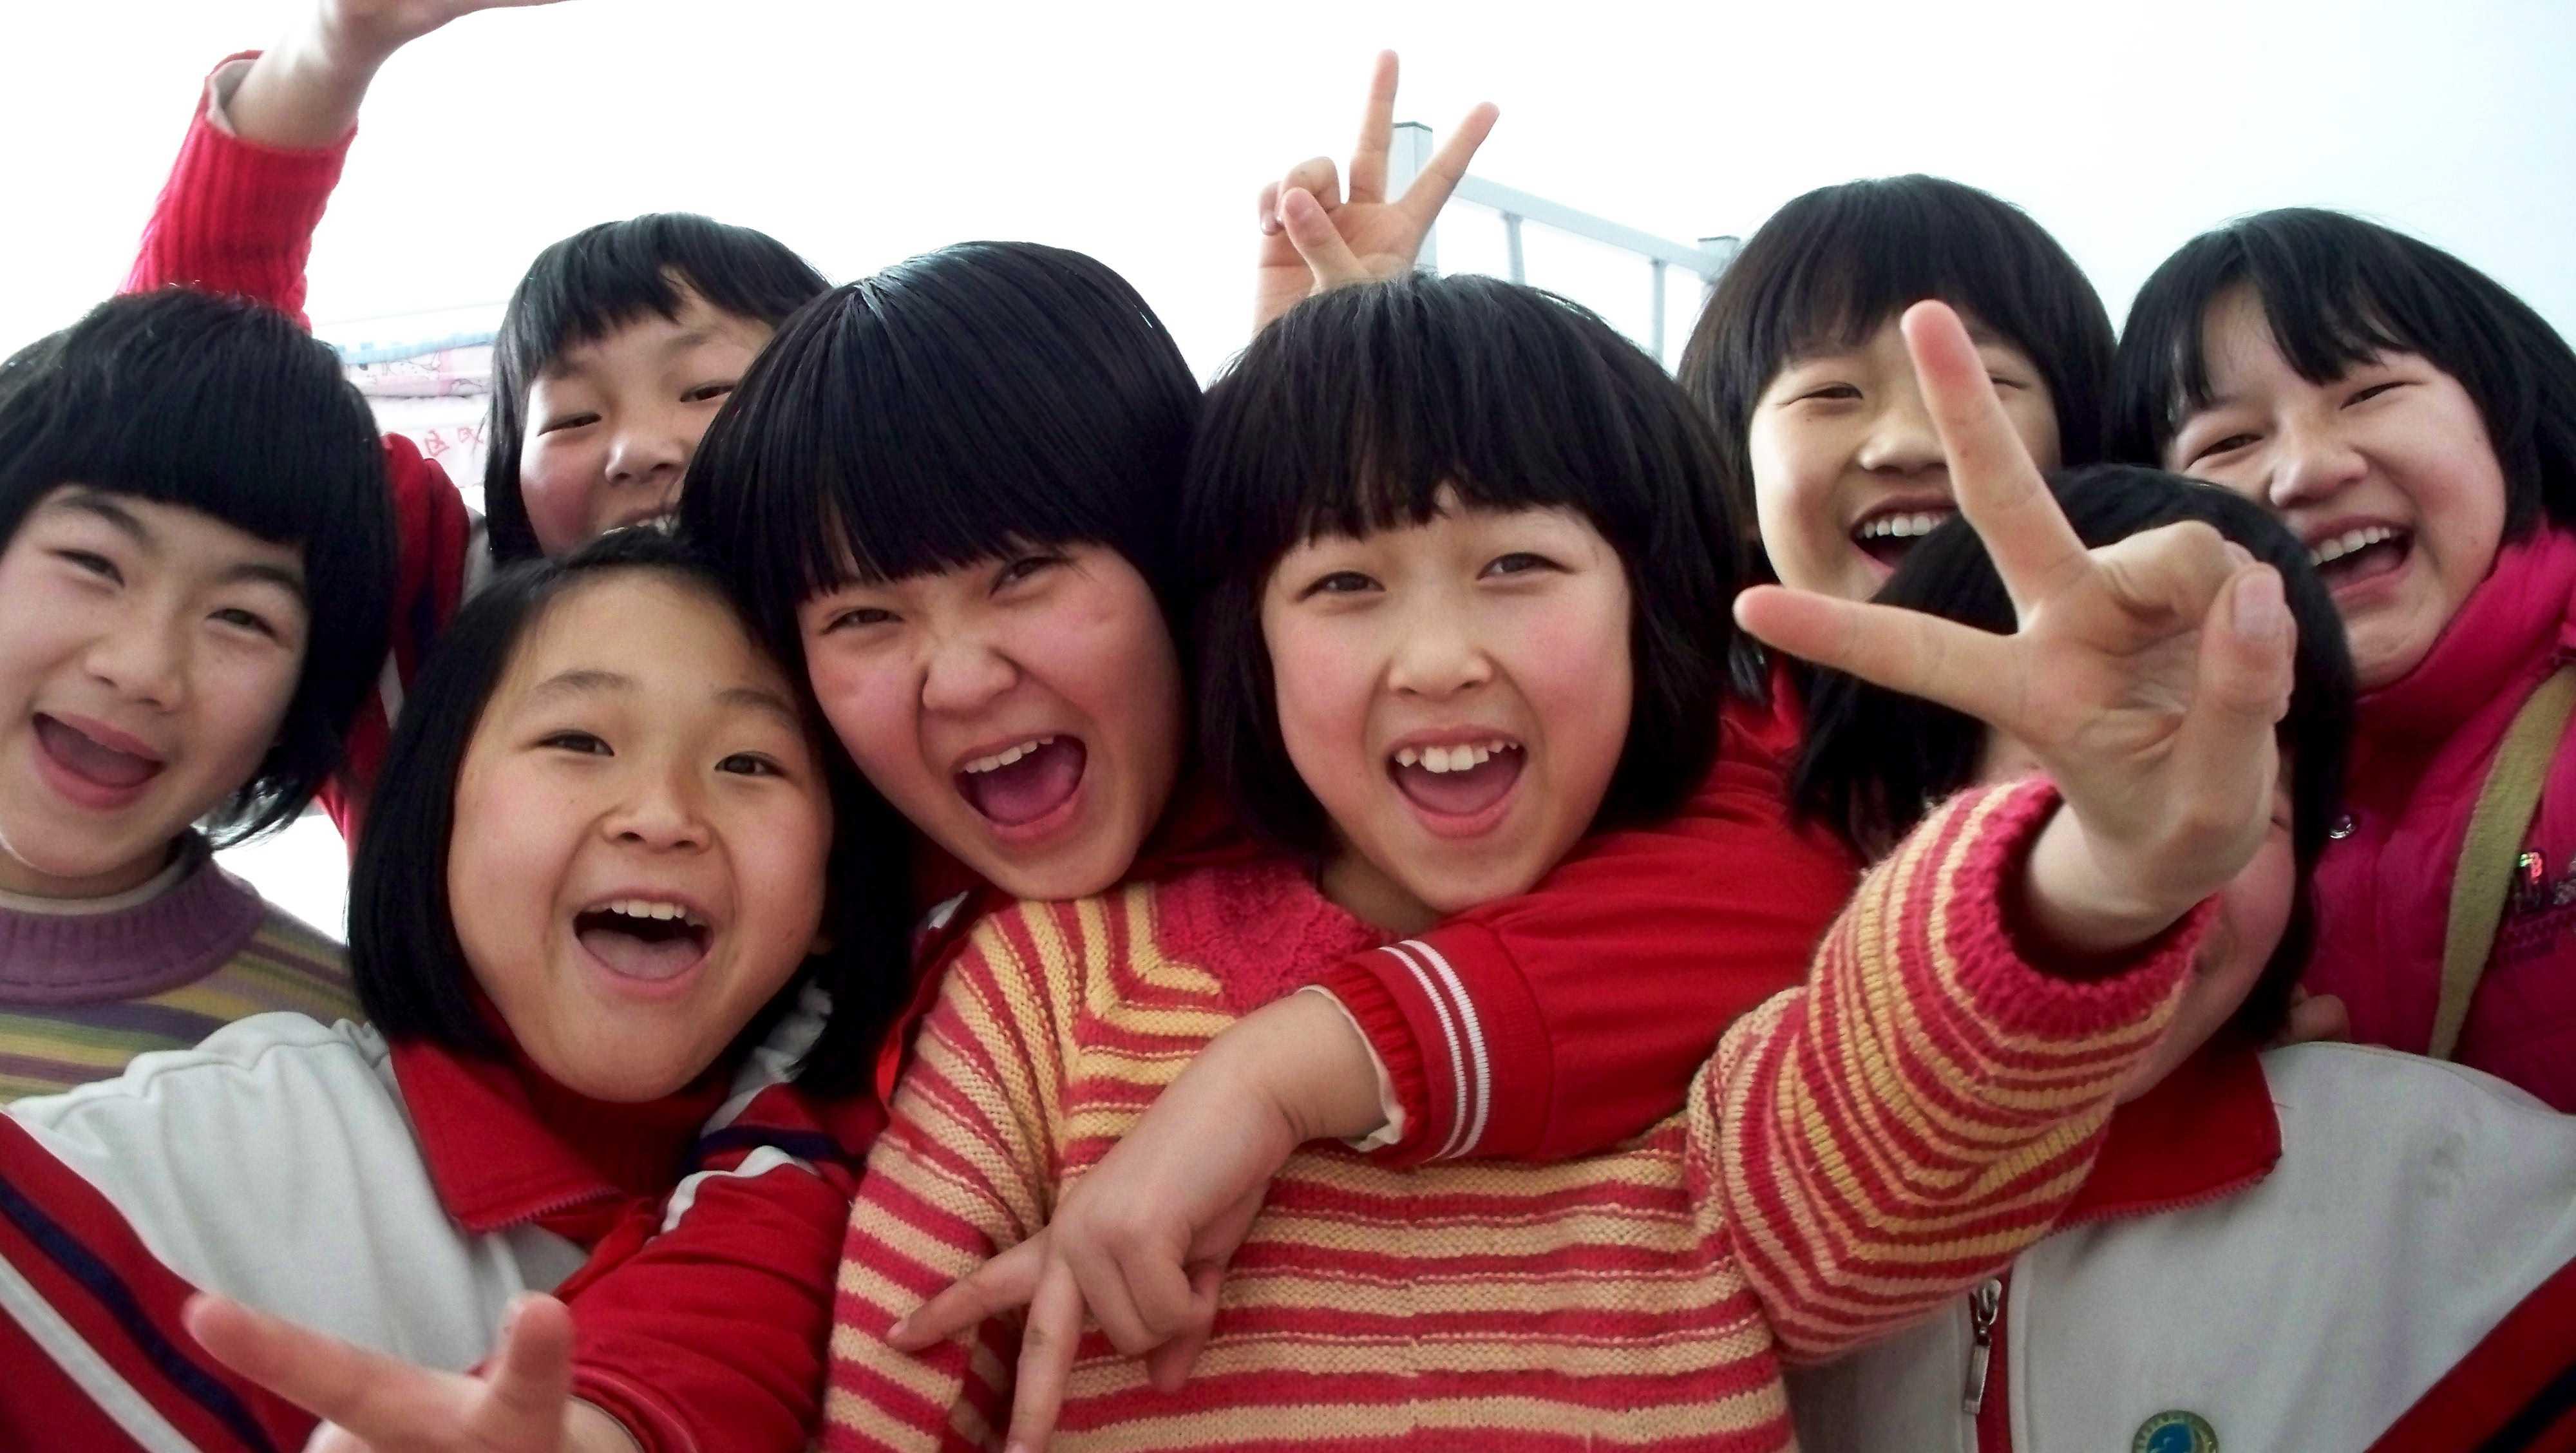 Numeri nella cultura cinese • wikiwand